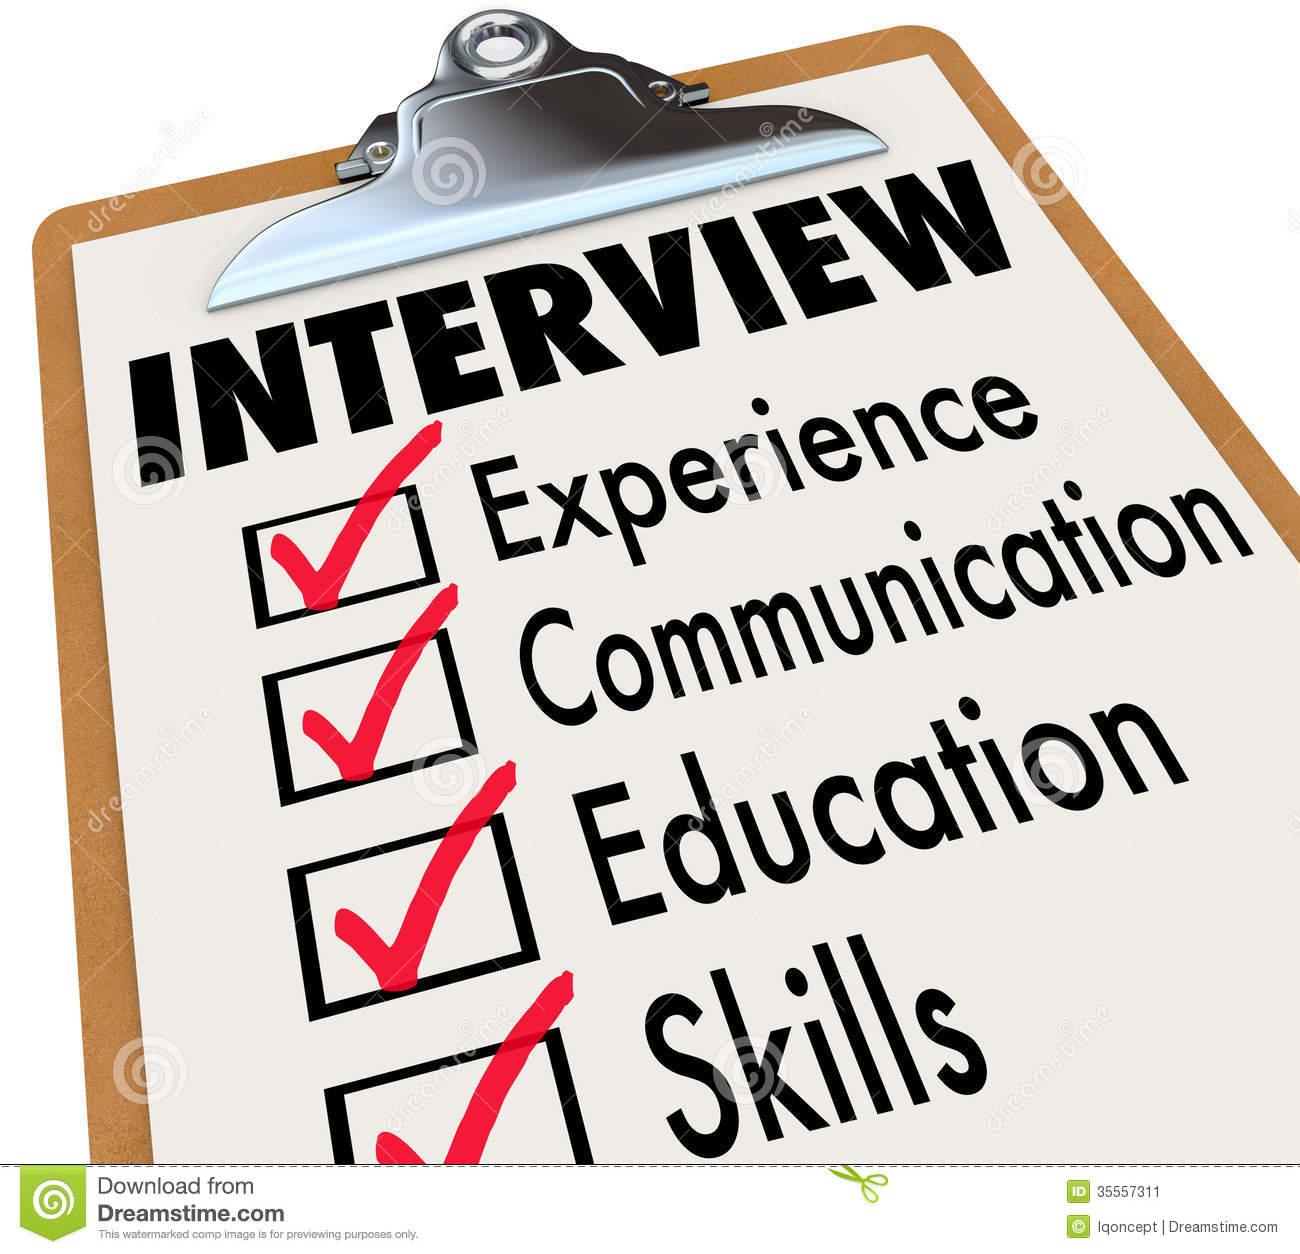 job skills quotes quotesgram advertisement